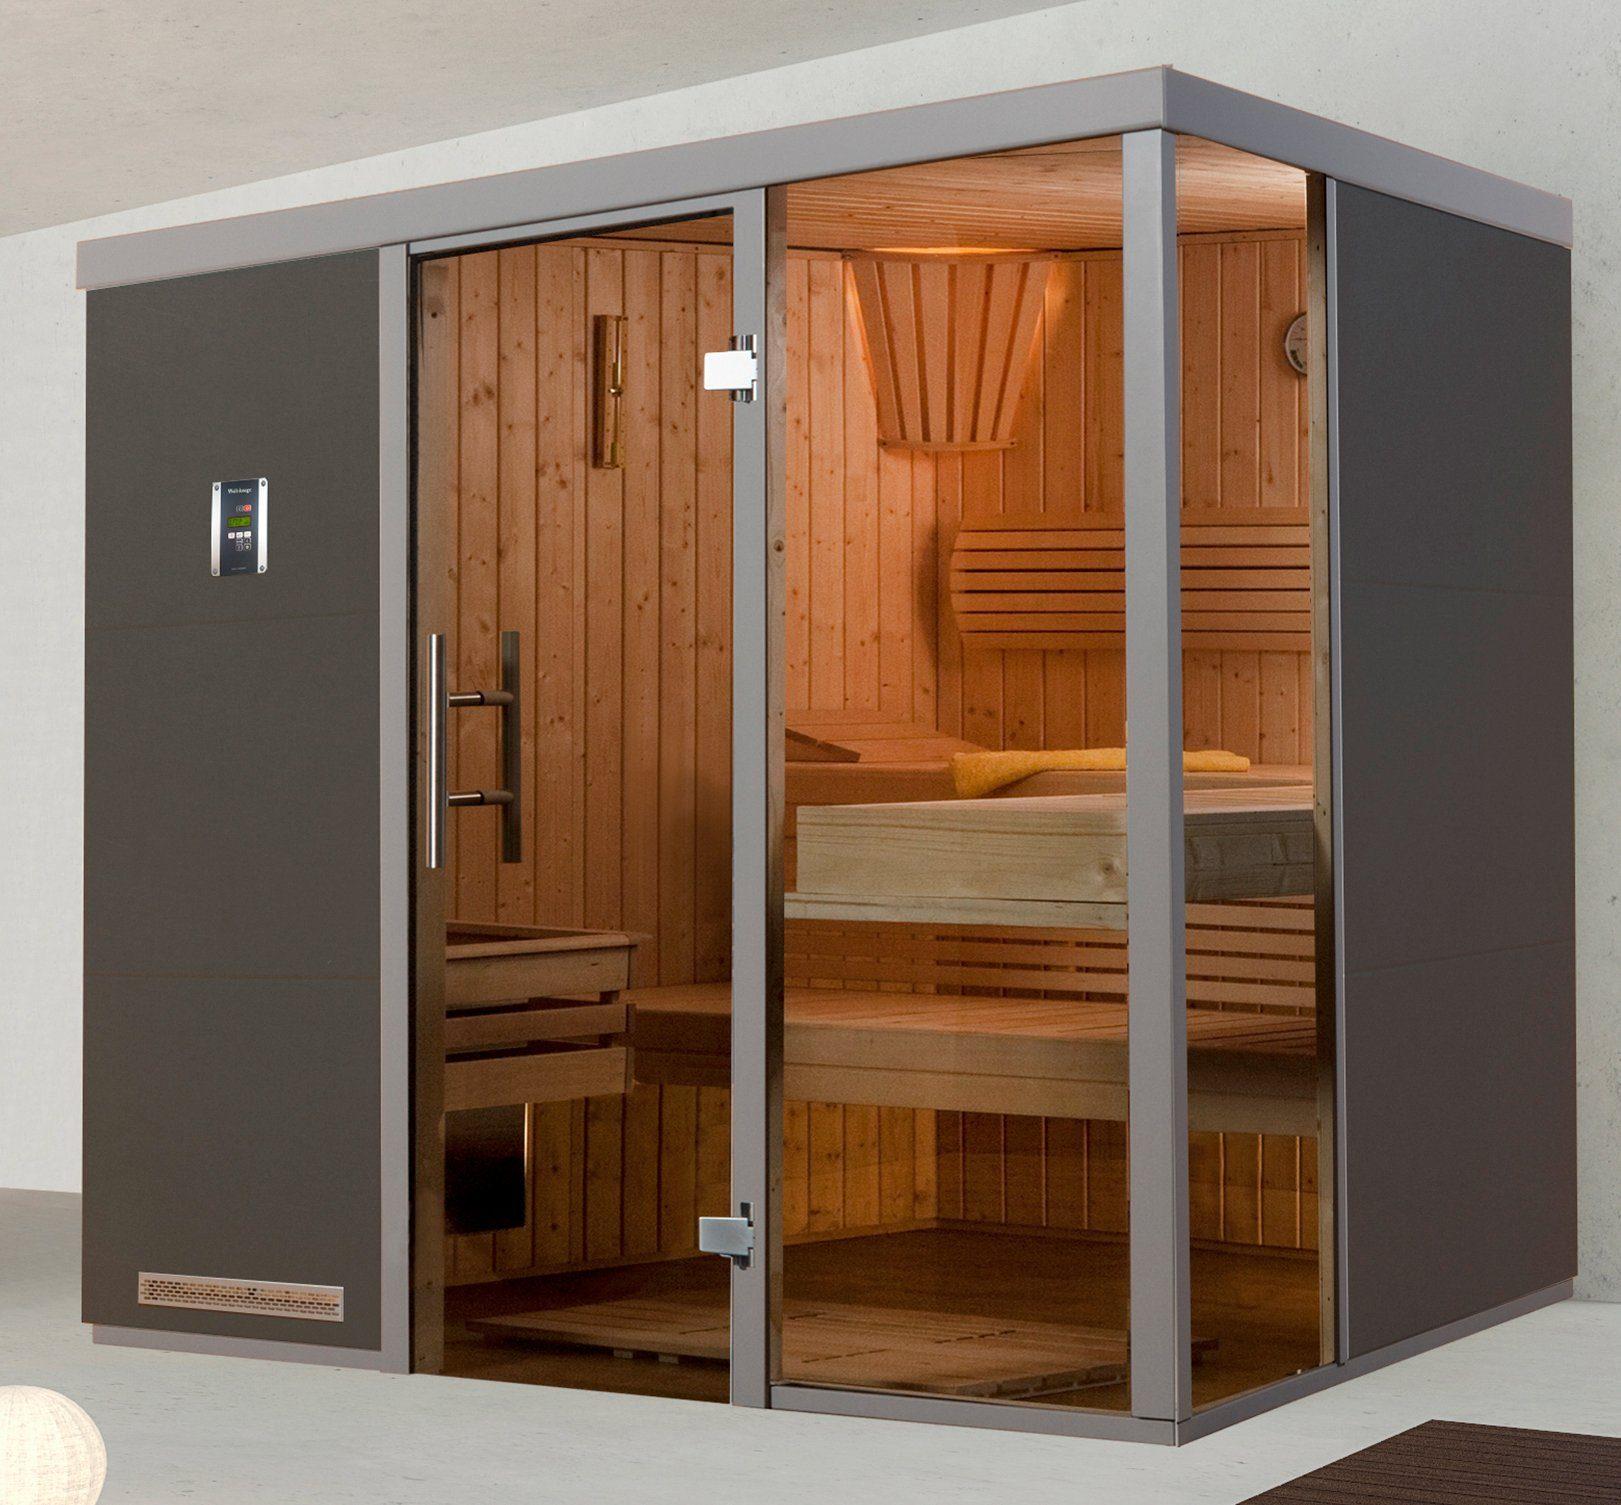 WEKA Sauna »Wellnissage Grigio 1R«, 221x185x206 cm, ohne Ofen, Fensterecke rechts